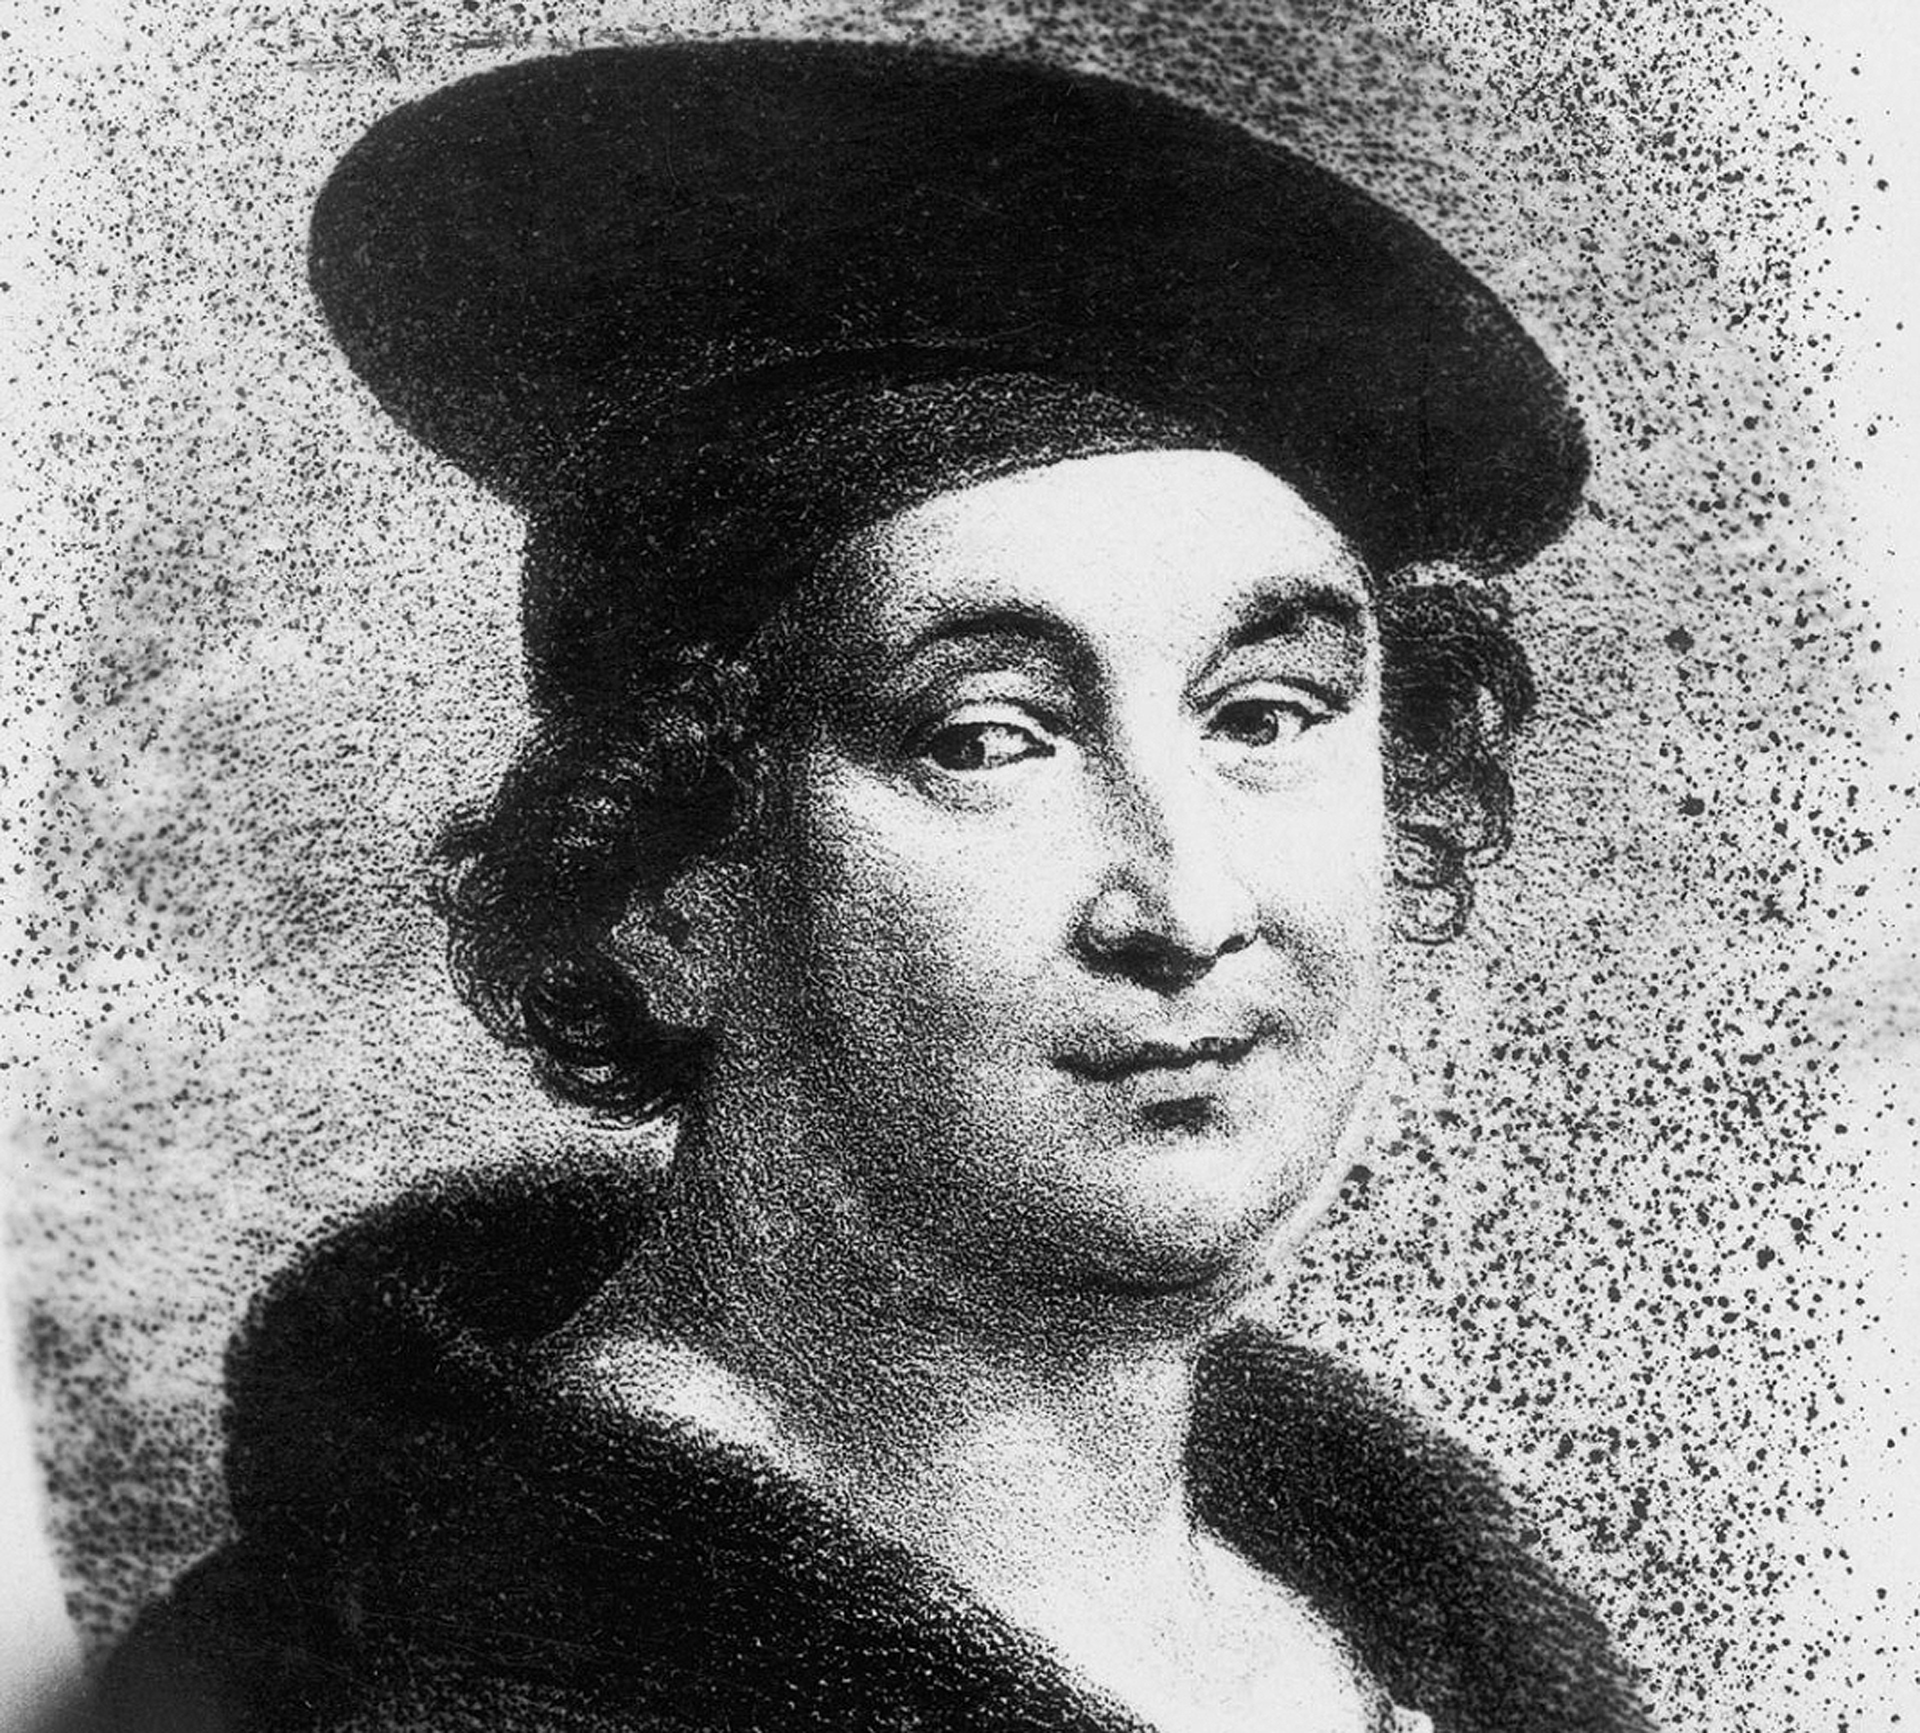 François Villon: el ladrón marginal y asesino redimido que se conviritió en el primer poeta maldito - Infobae